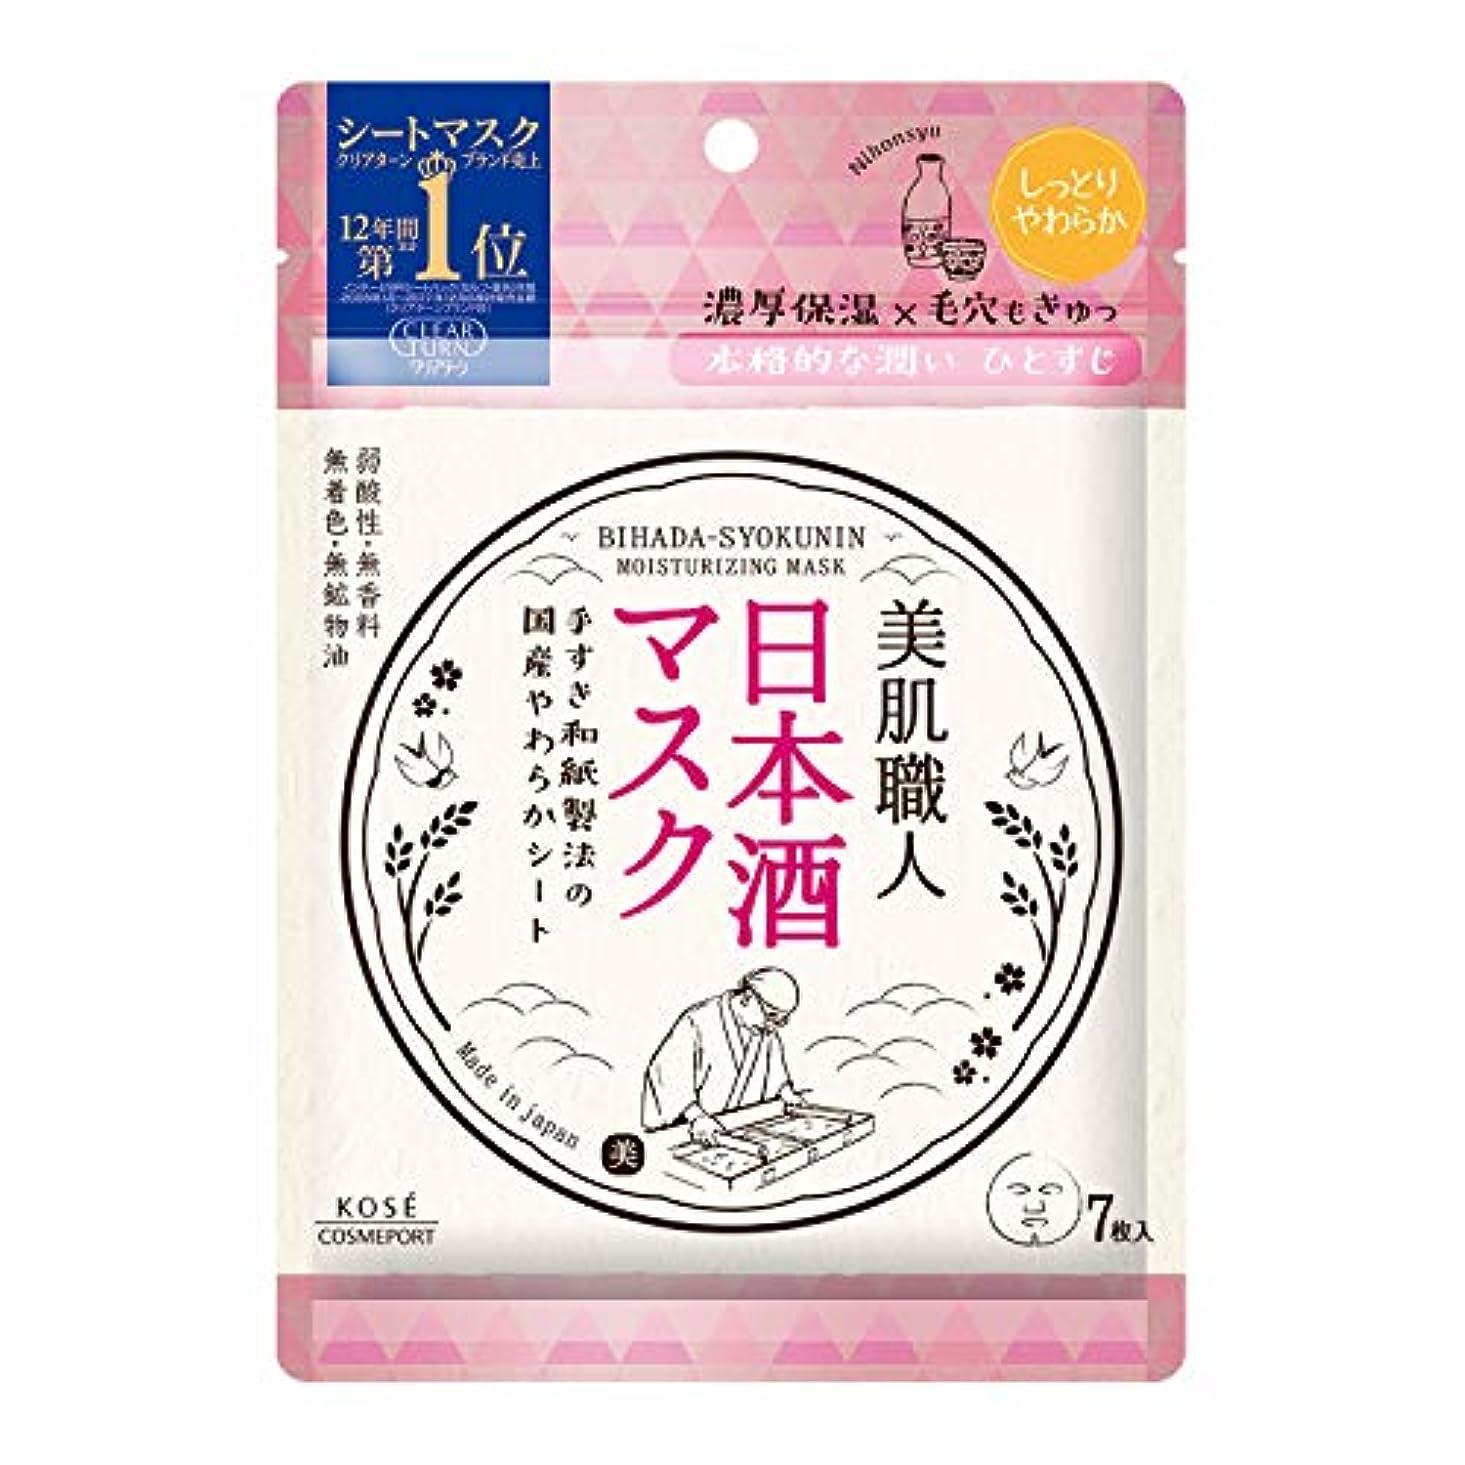 発掘する同情ピグマリオンKOSE コーセー クリアターン 美肌職人 日本酒 マスク 7枚 フェイスマスク